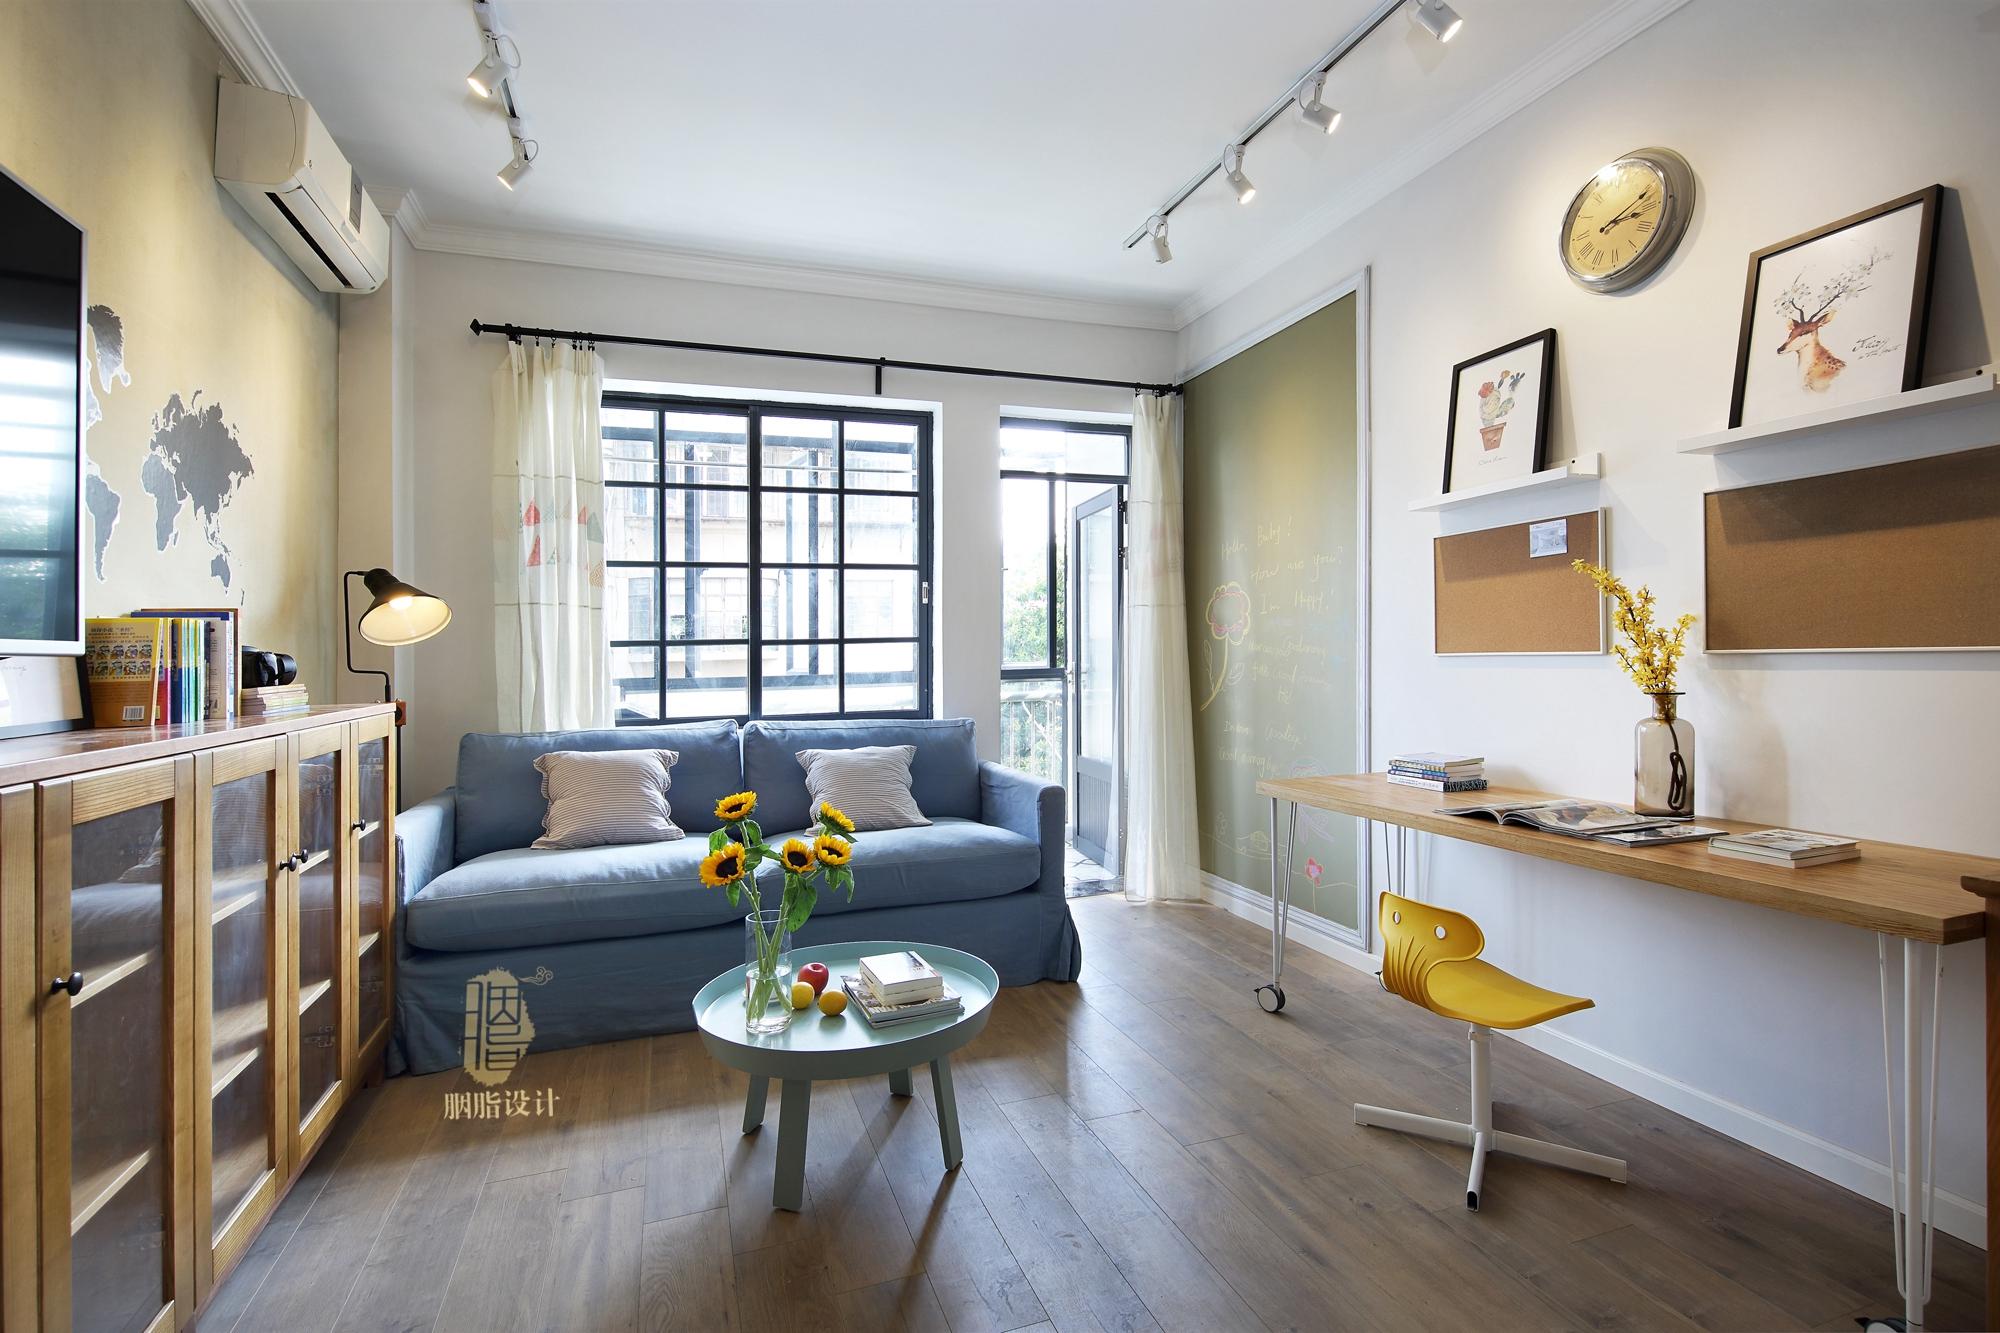 三居 旧房改造 北欧 胭脂设计 家装设计 室内设计 客厅图片来自设计师胭脂在华工旧房改造2—素简生活的分享